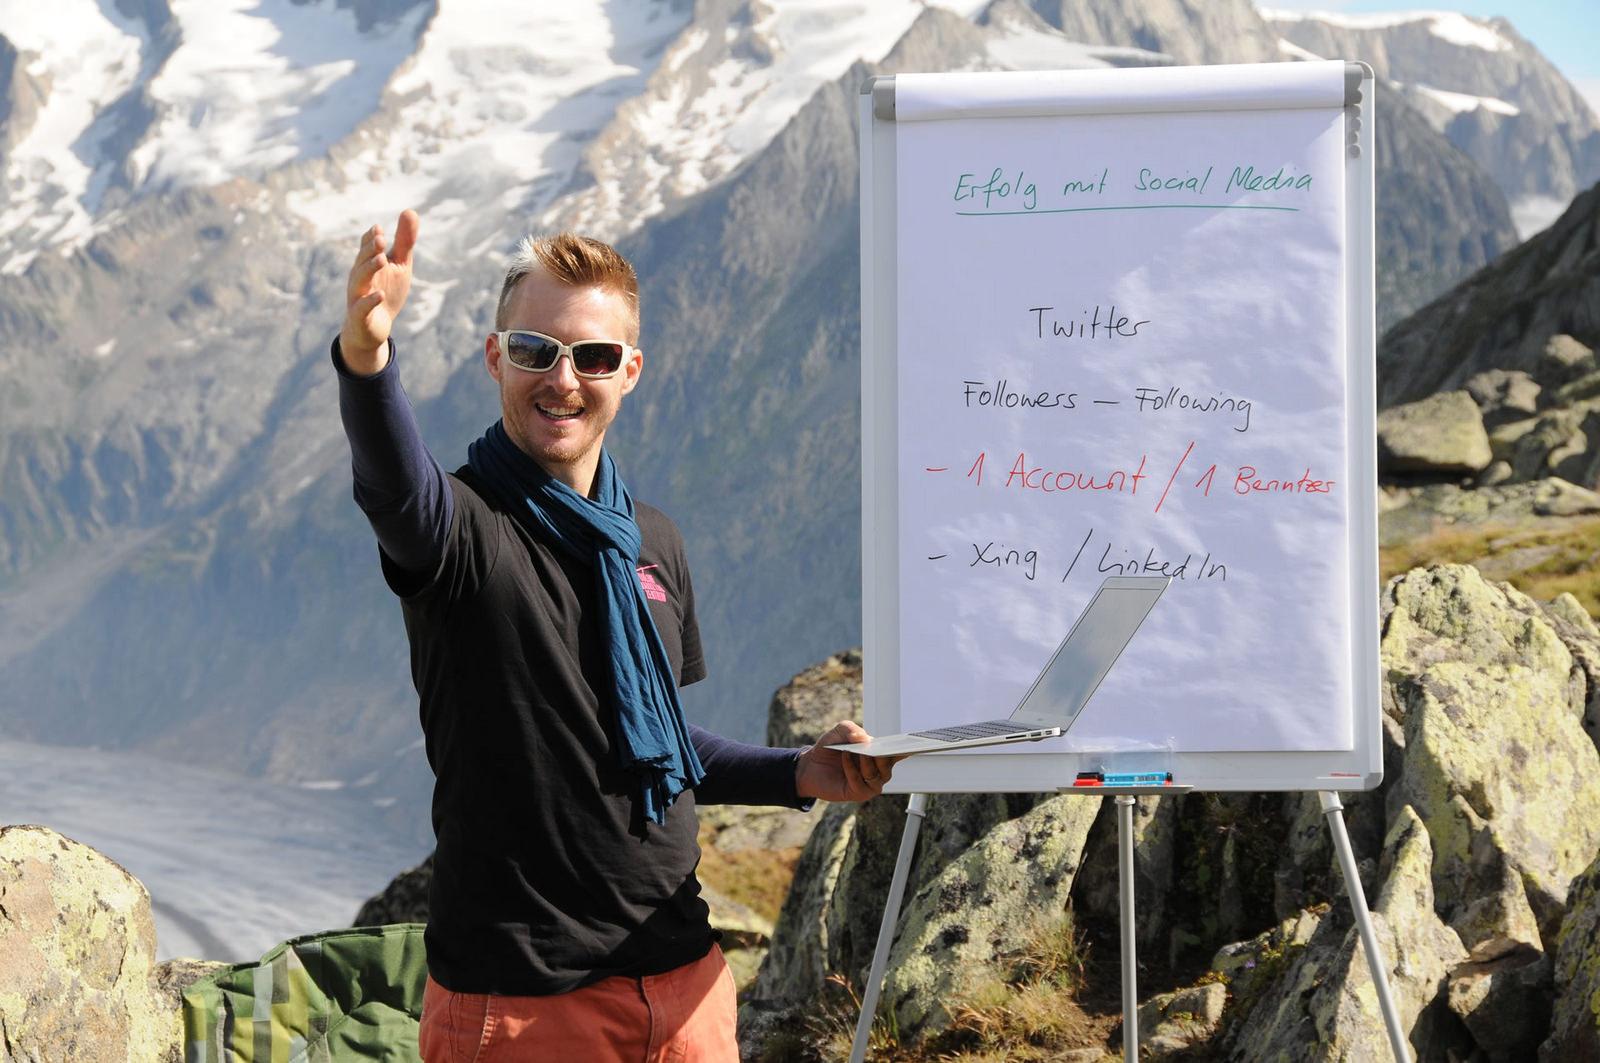 Unterricht beim Aletschgletscher